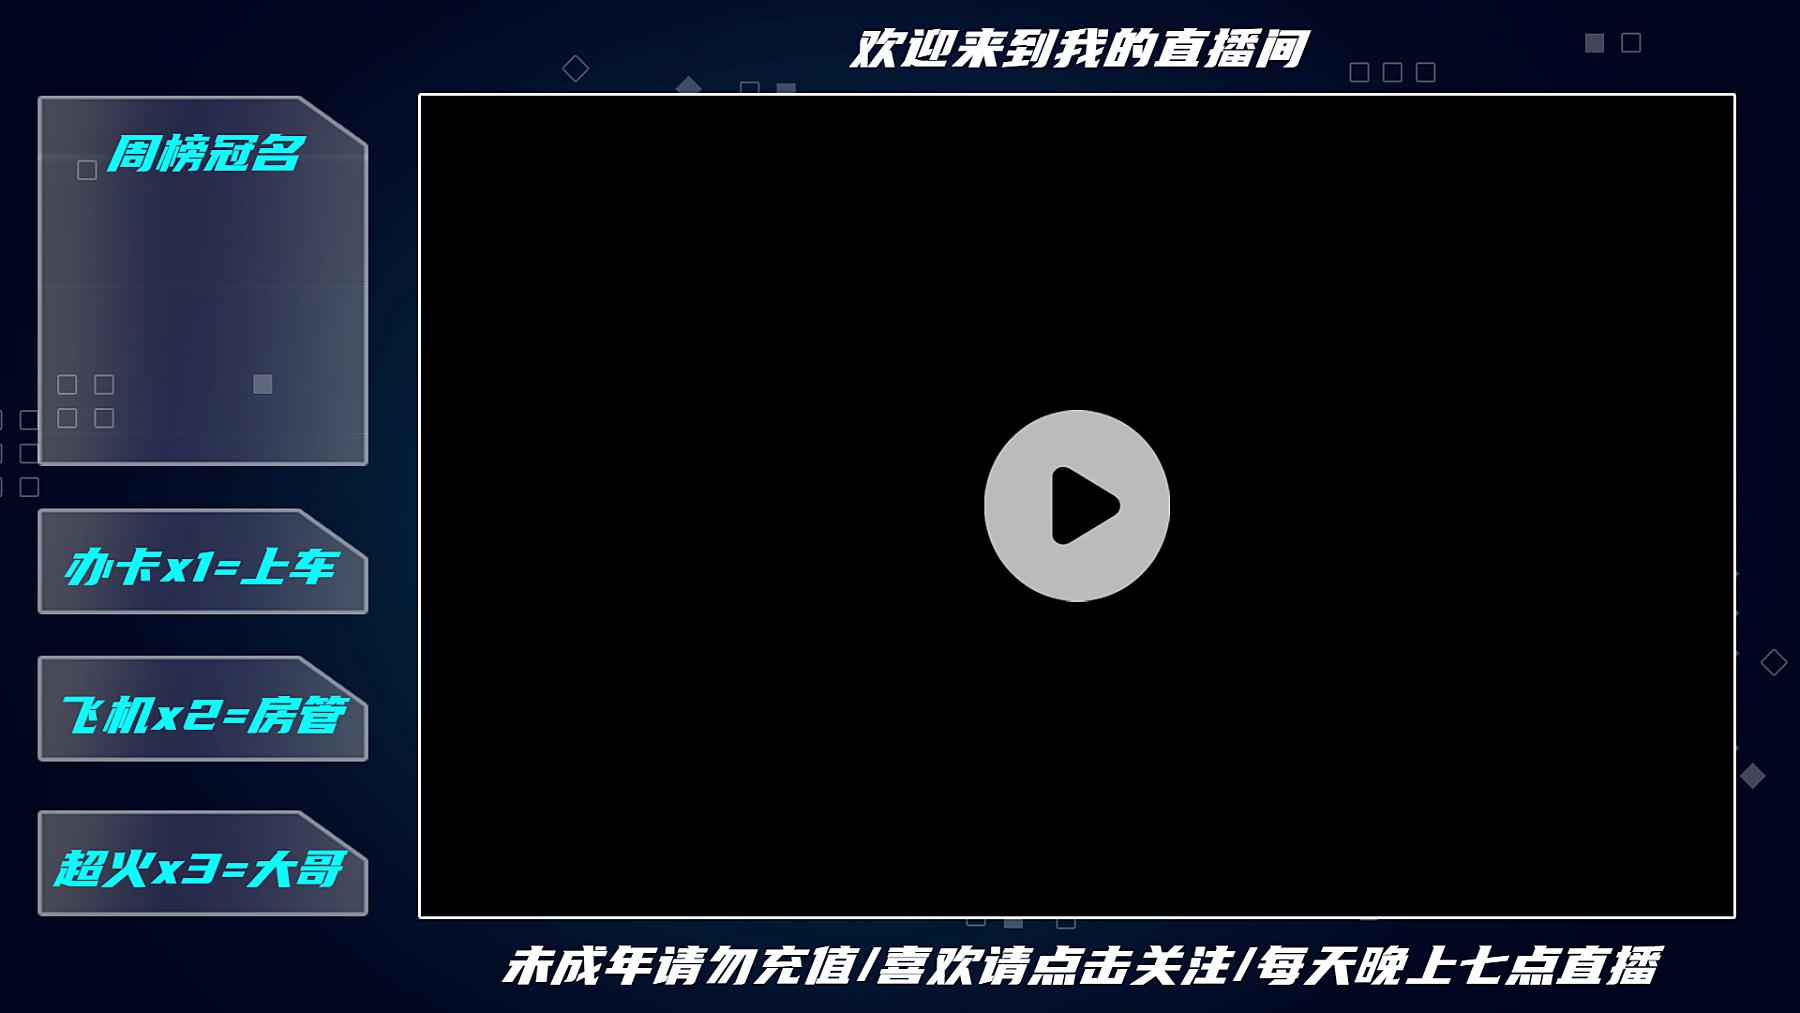 科技风电竞游戏主播直播间背景边框